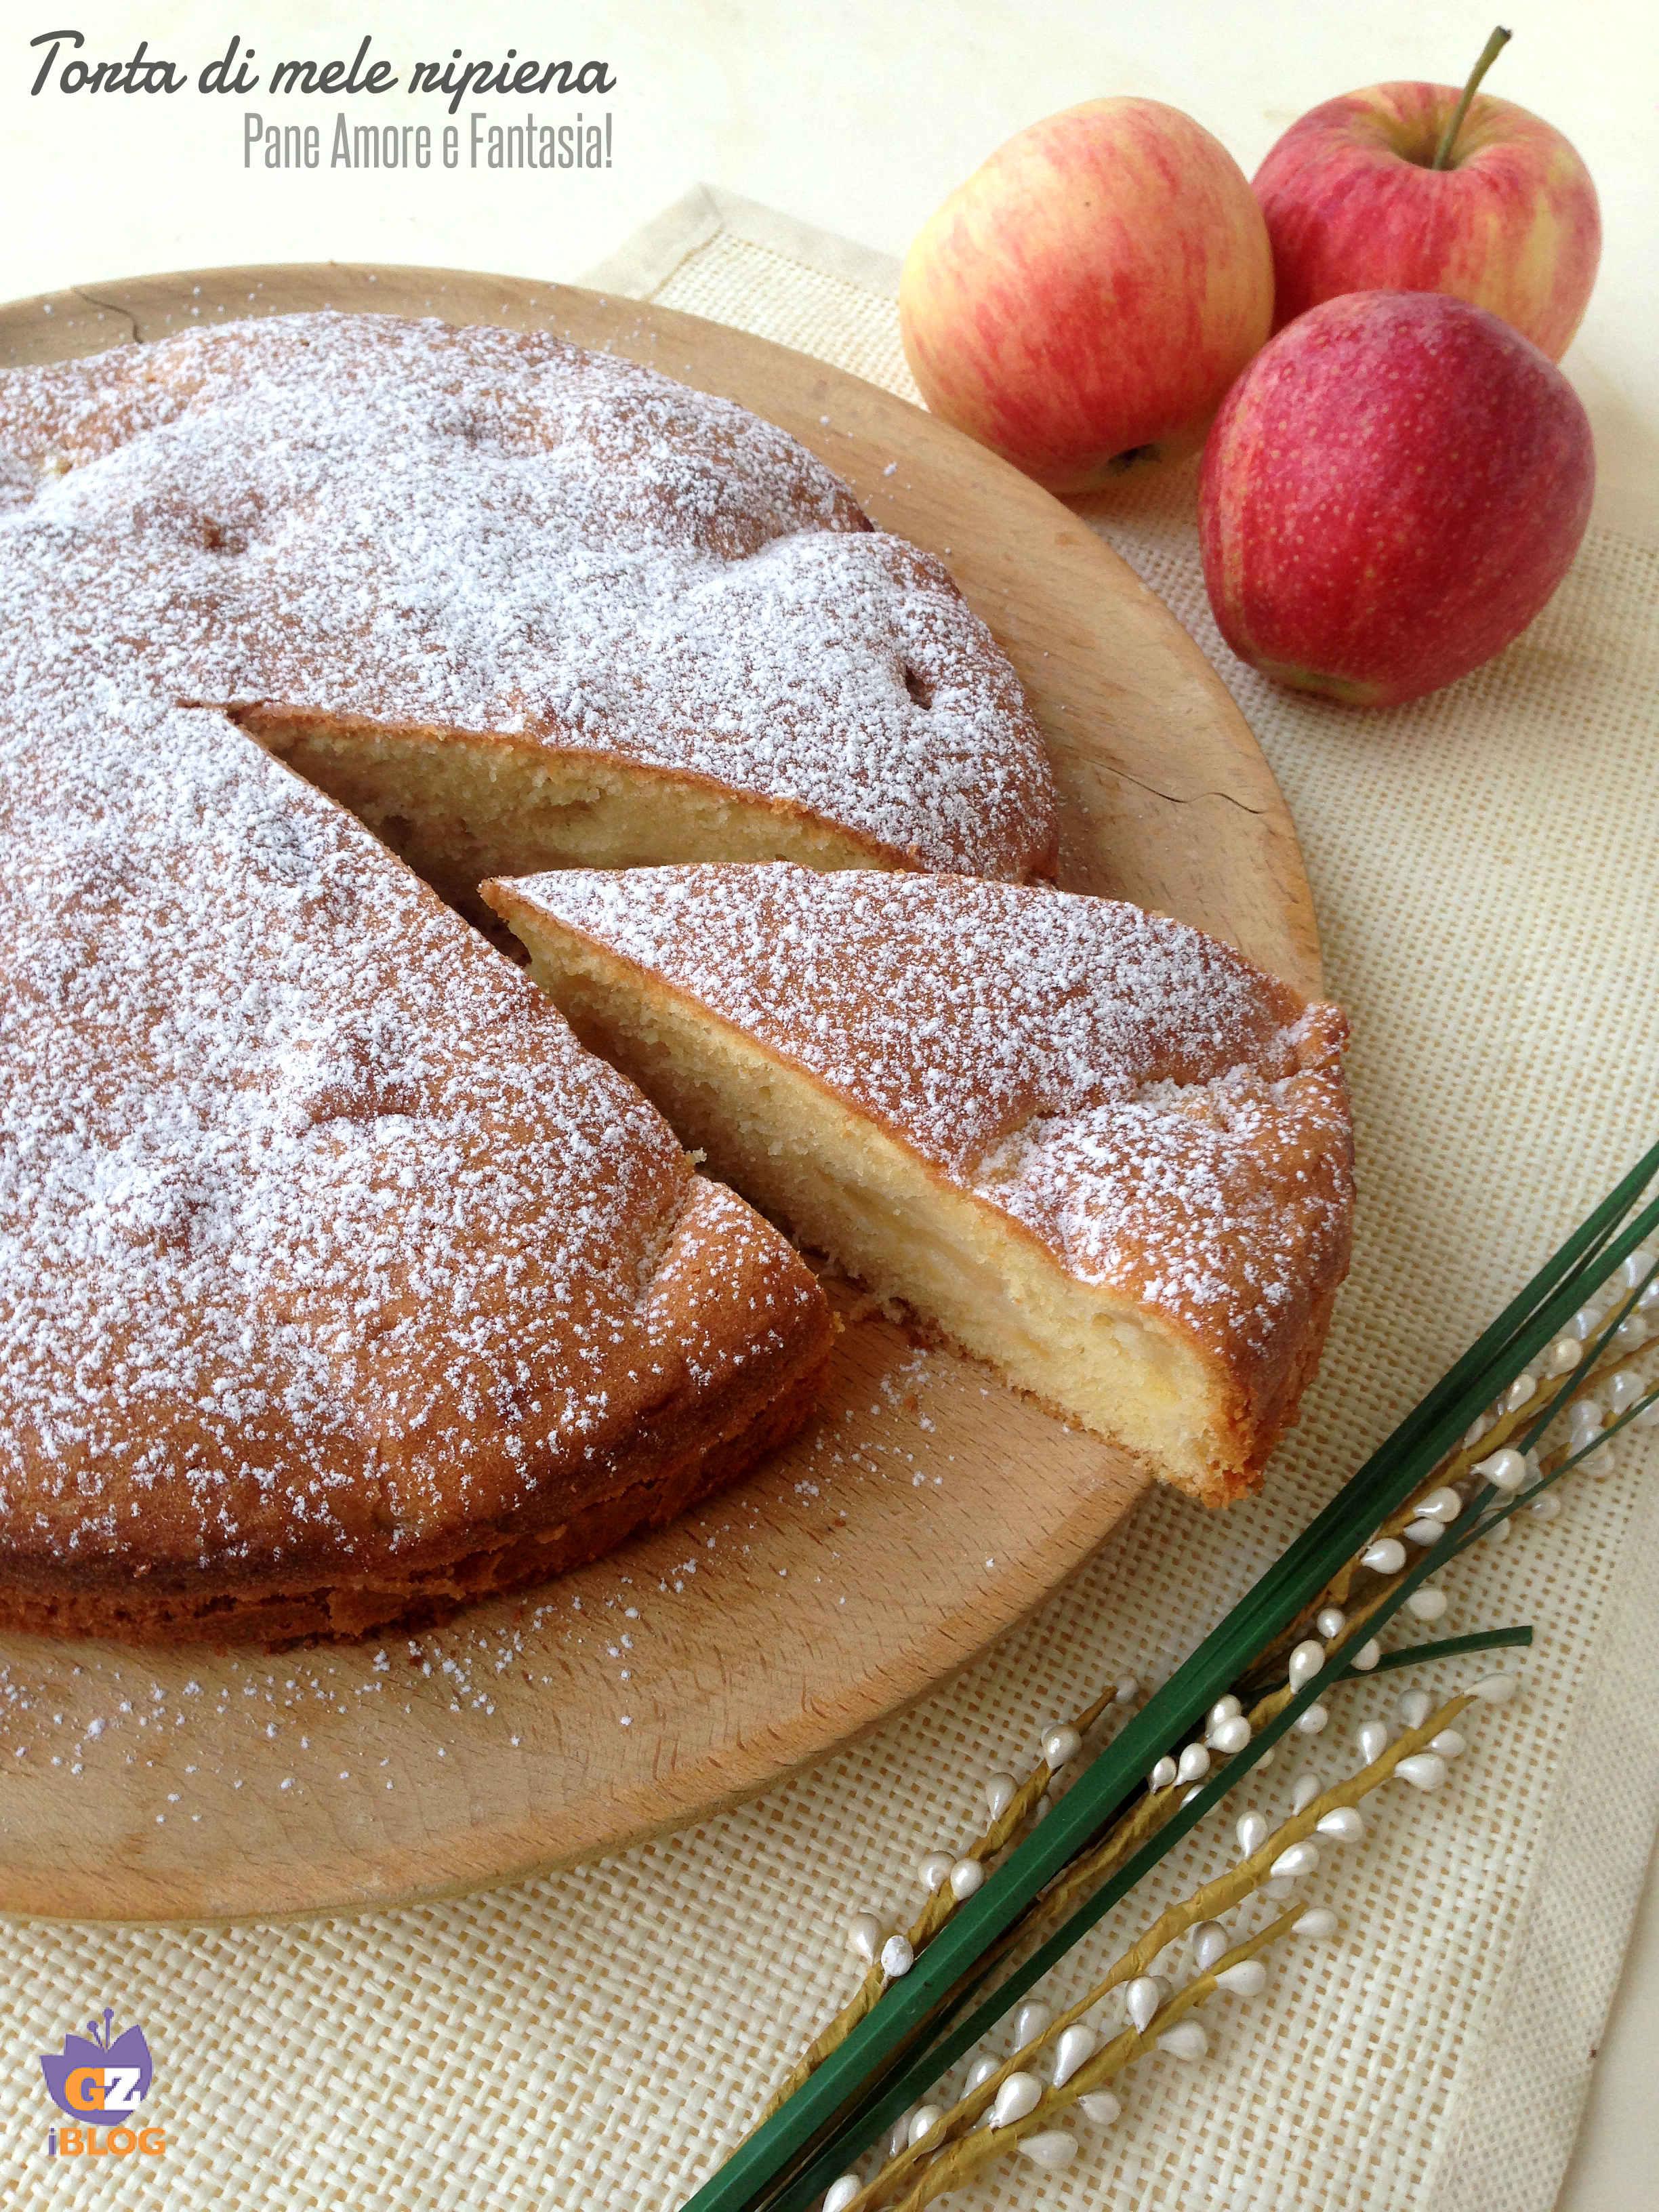 torta di mele ripiena